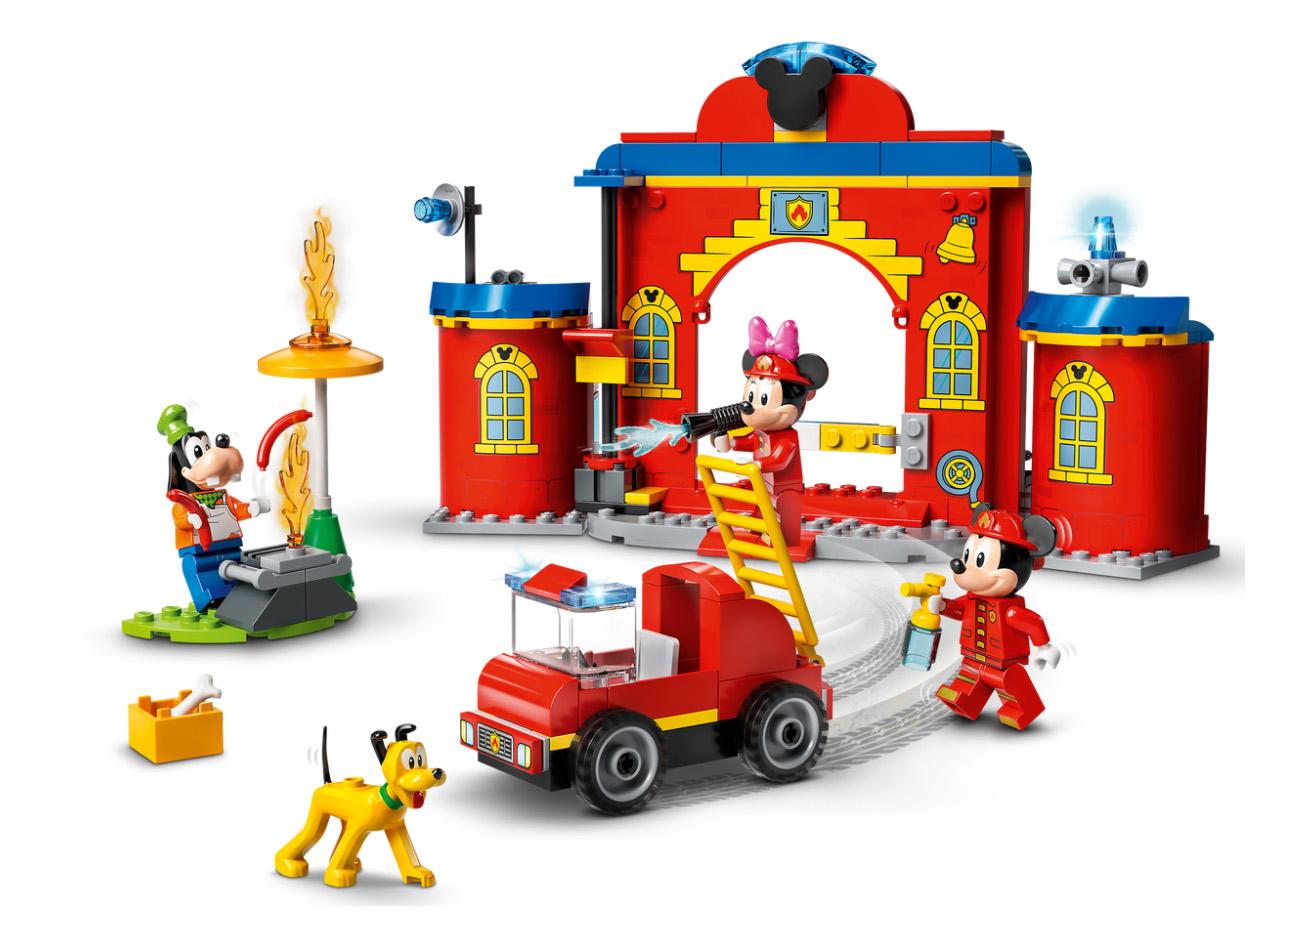 レゴミッキーアンドフレンズ新製品情報:2021年6月1日(火)発売(2021)